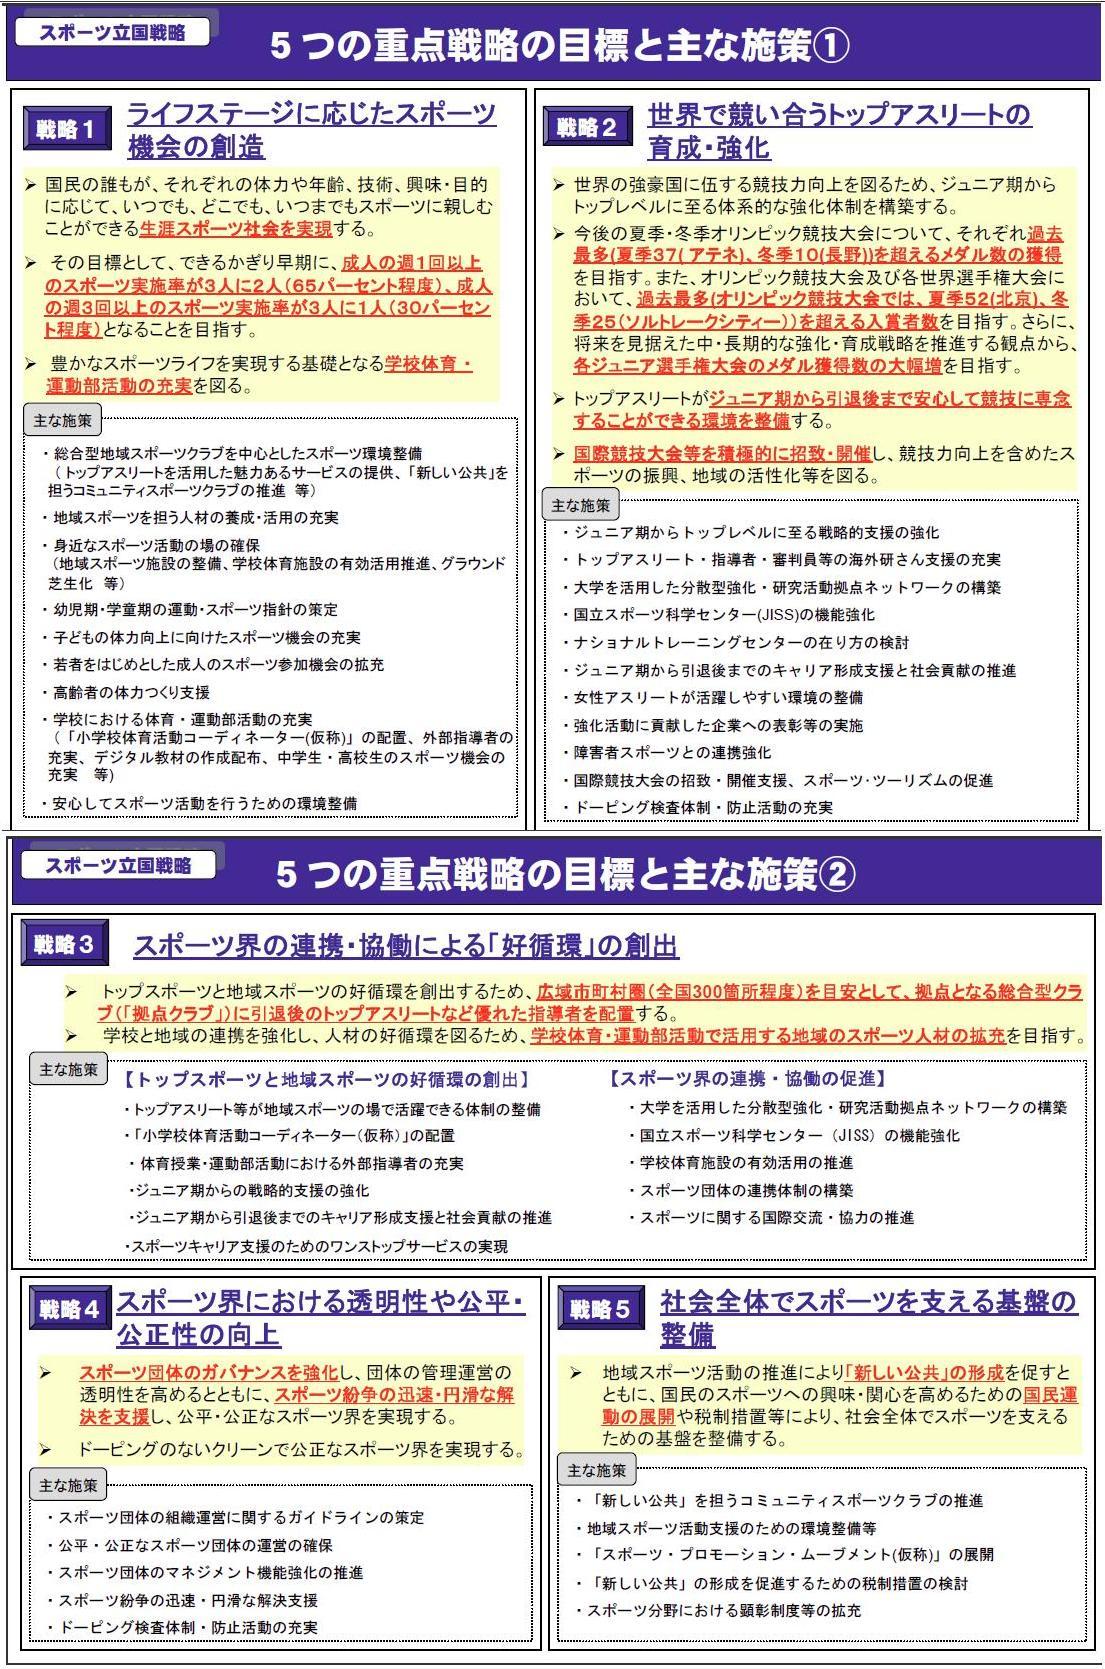 愛知県大府市在住 森の足跡(そくせき) 紹介 H23年度スポーツ基本法講演會